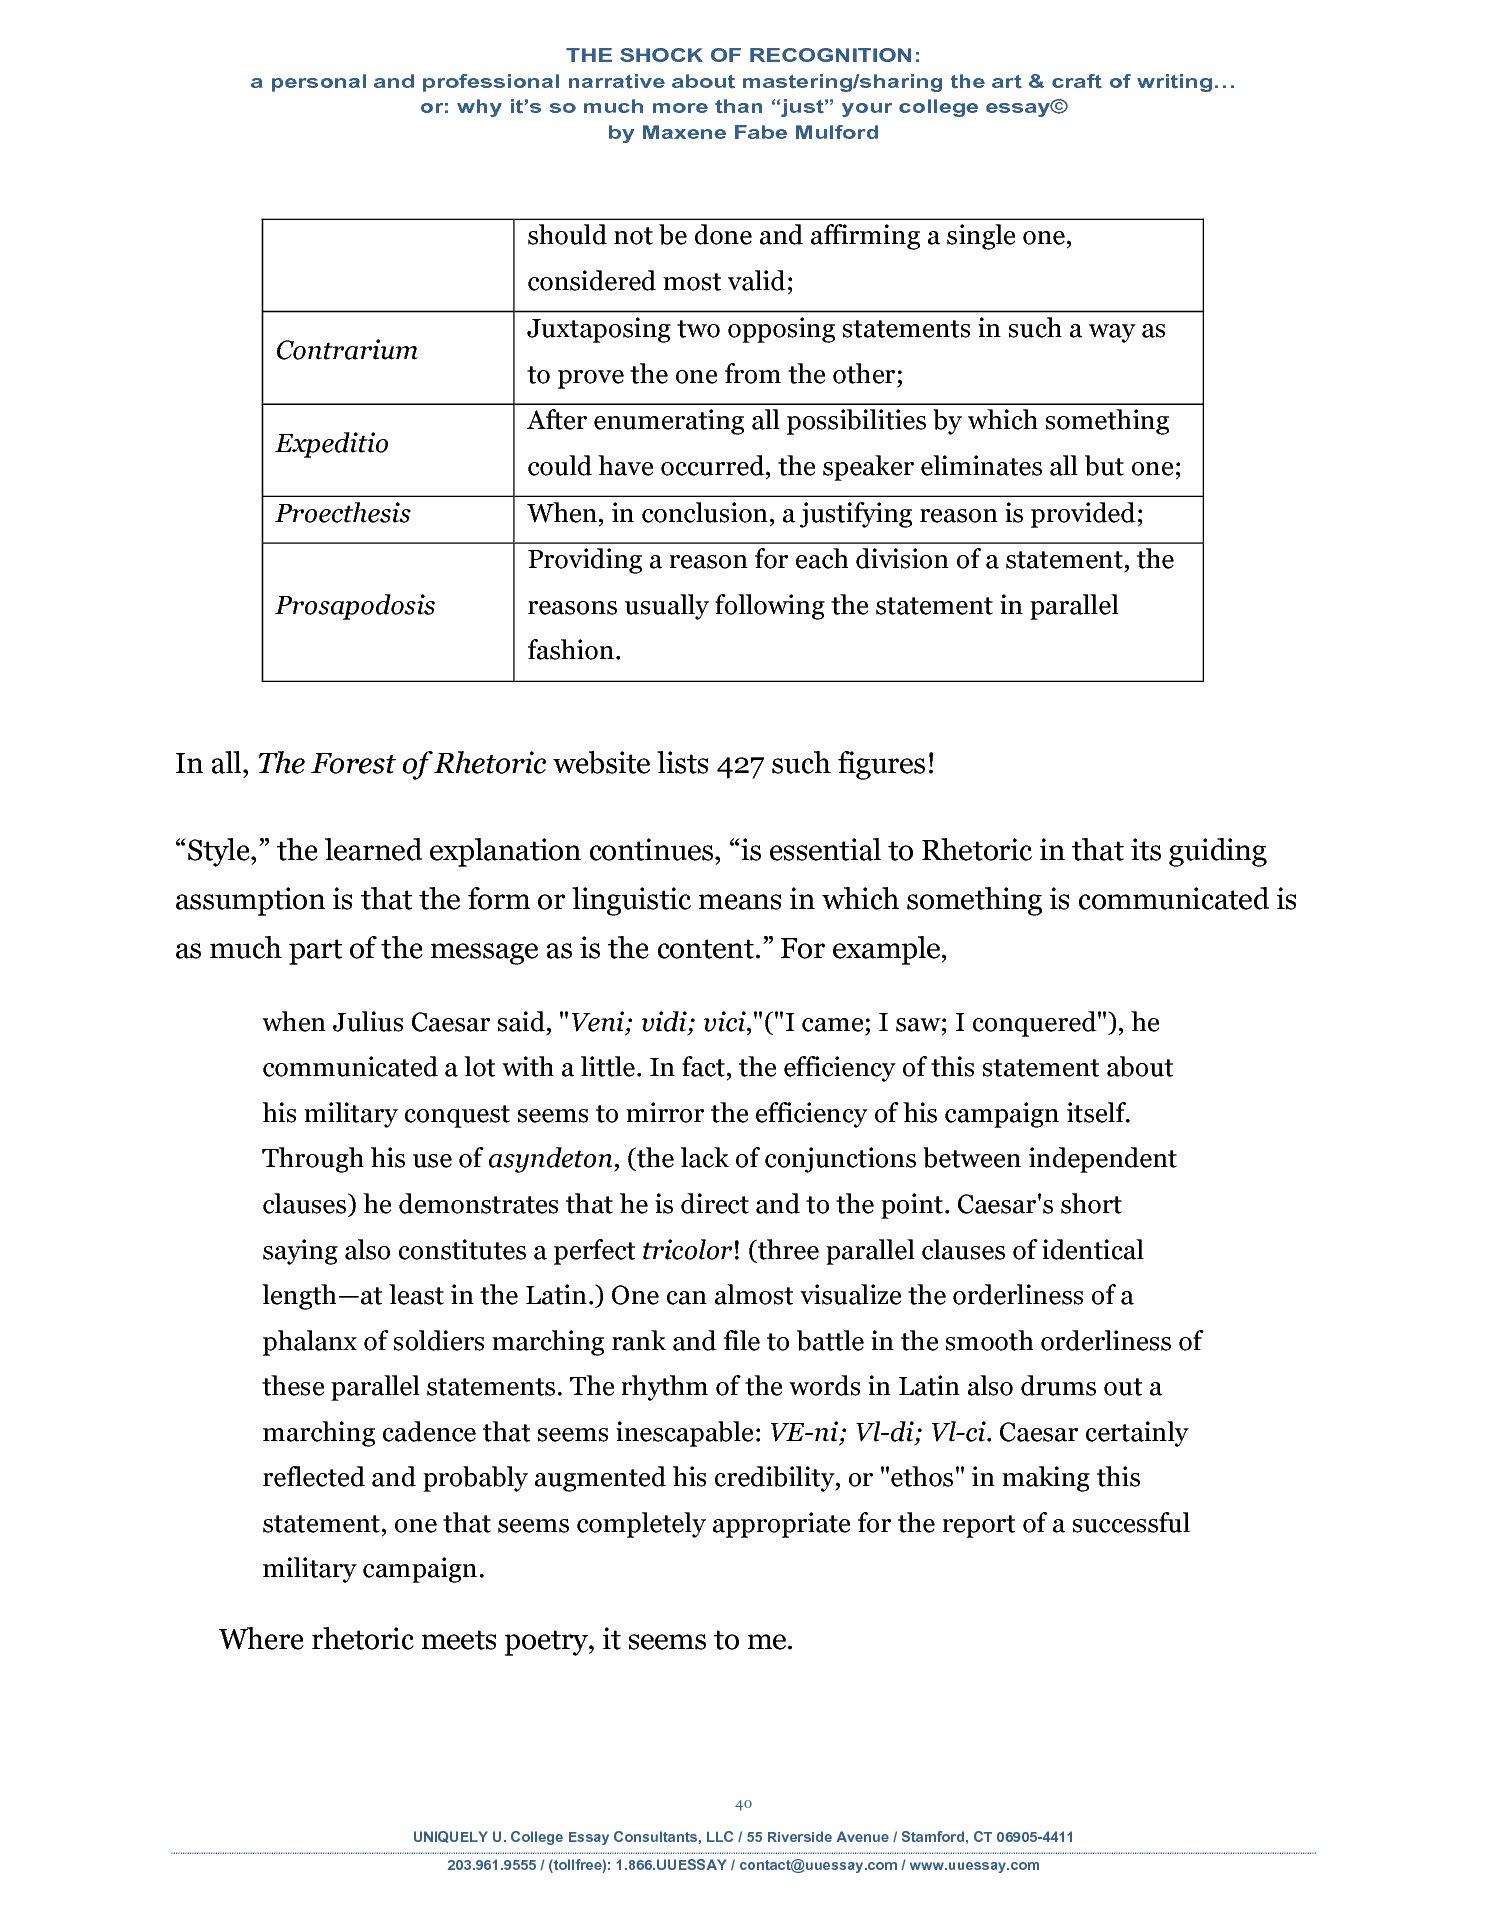 40 page essay